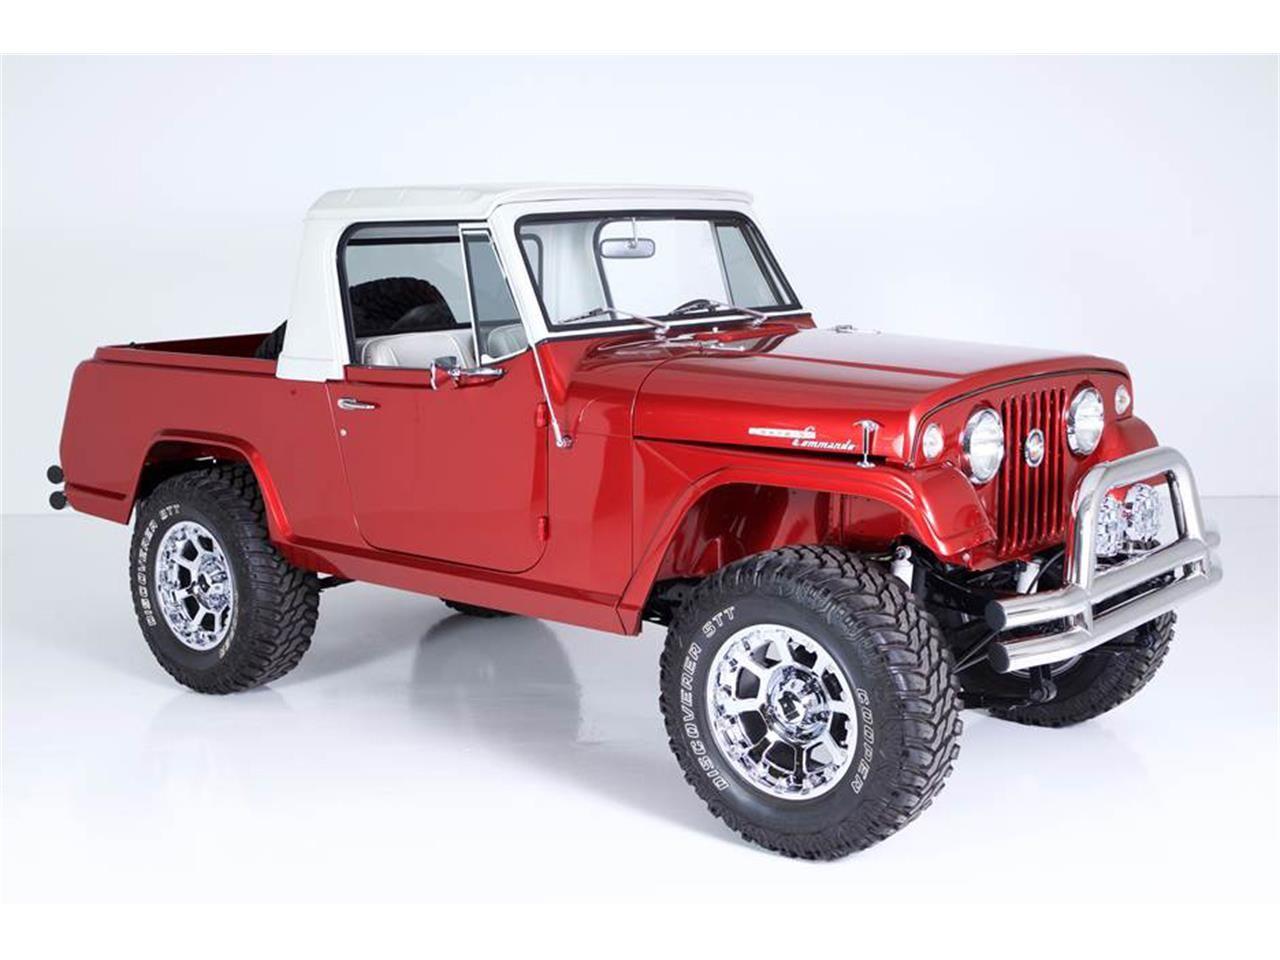 1969 Jeep Commando Jeep Commando Suv Jeepster Commando